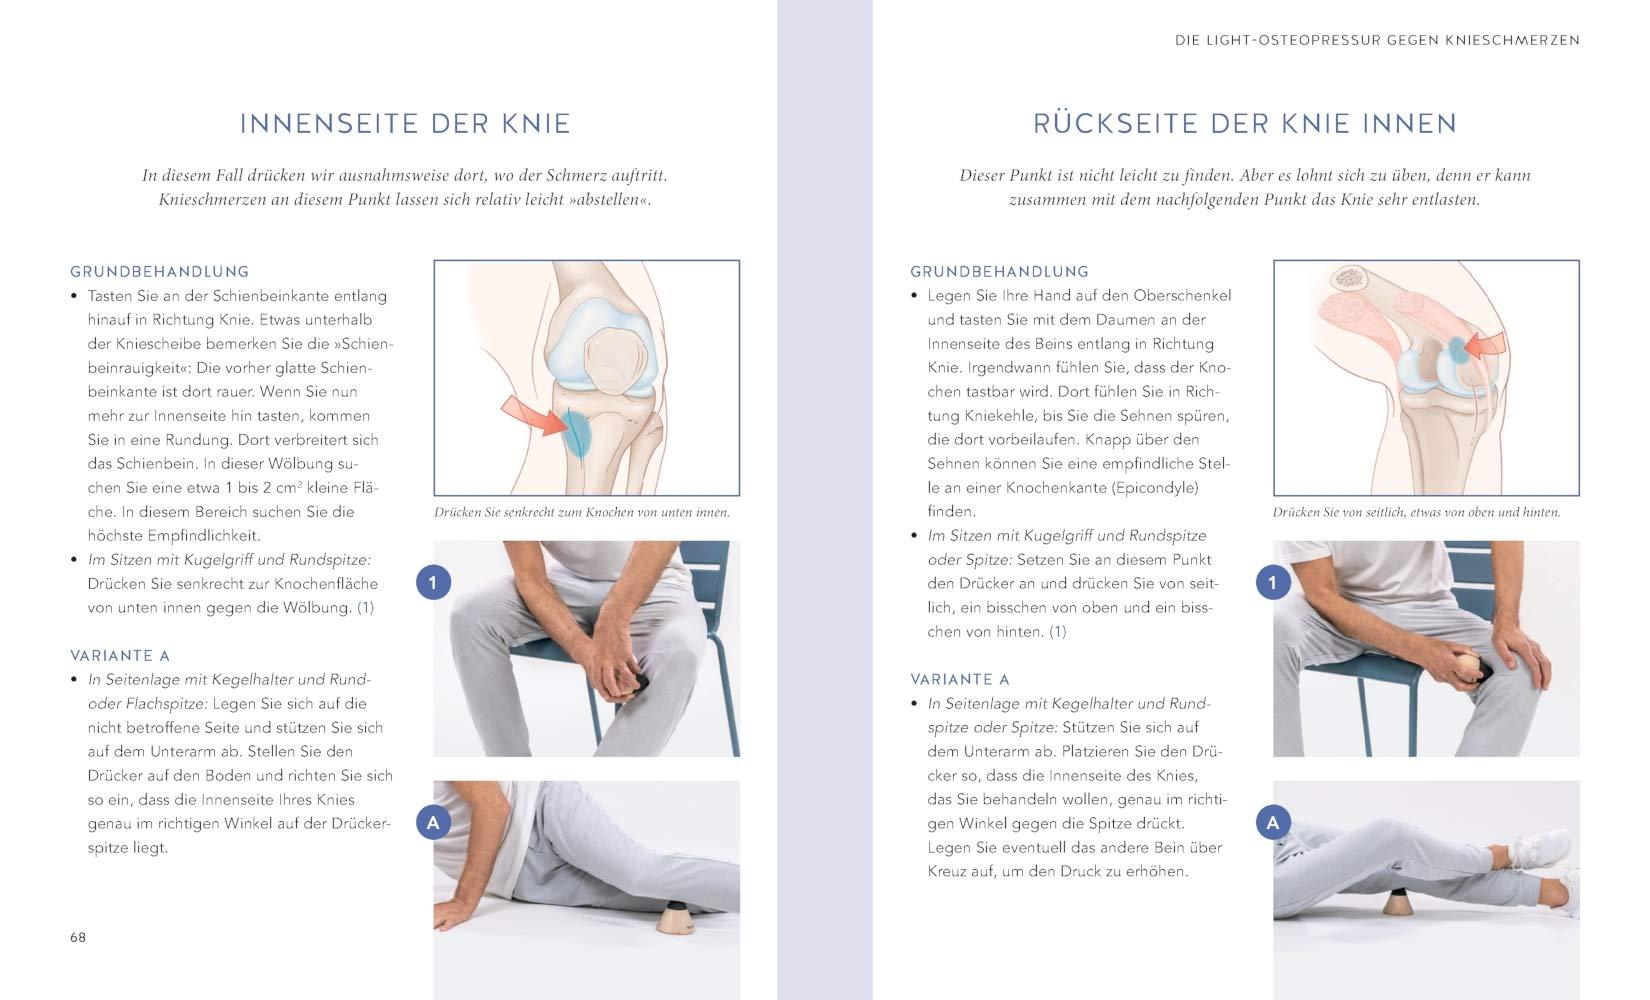 Knieschmerzen selbst behandeln: Mit der Liebscher-Bracht..